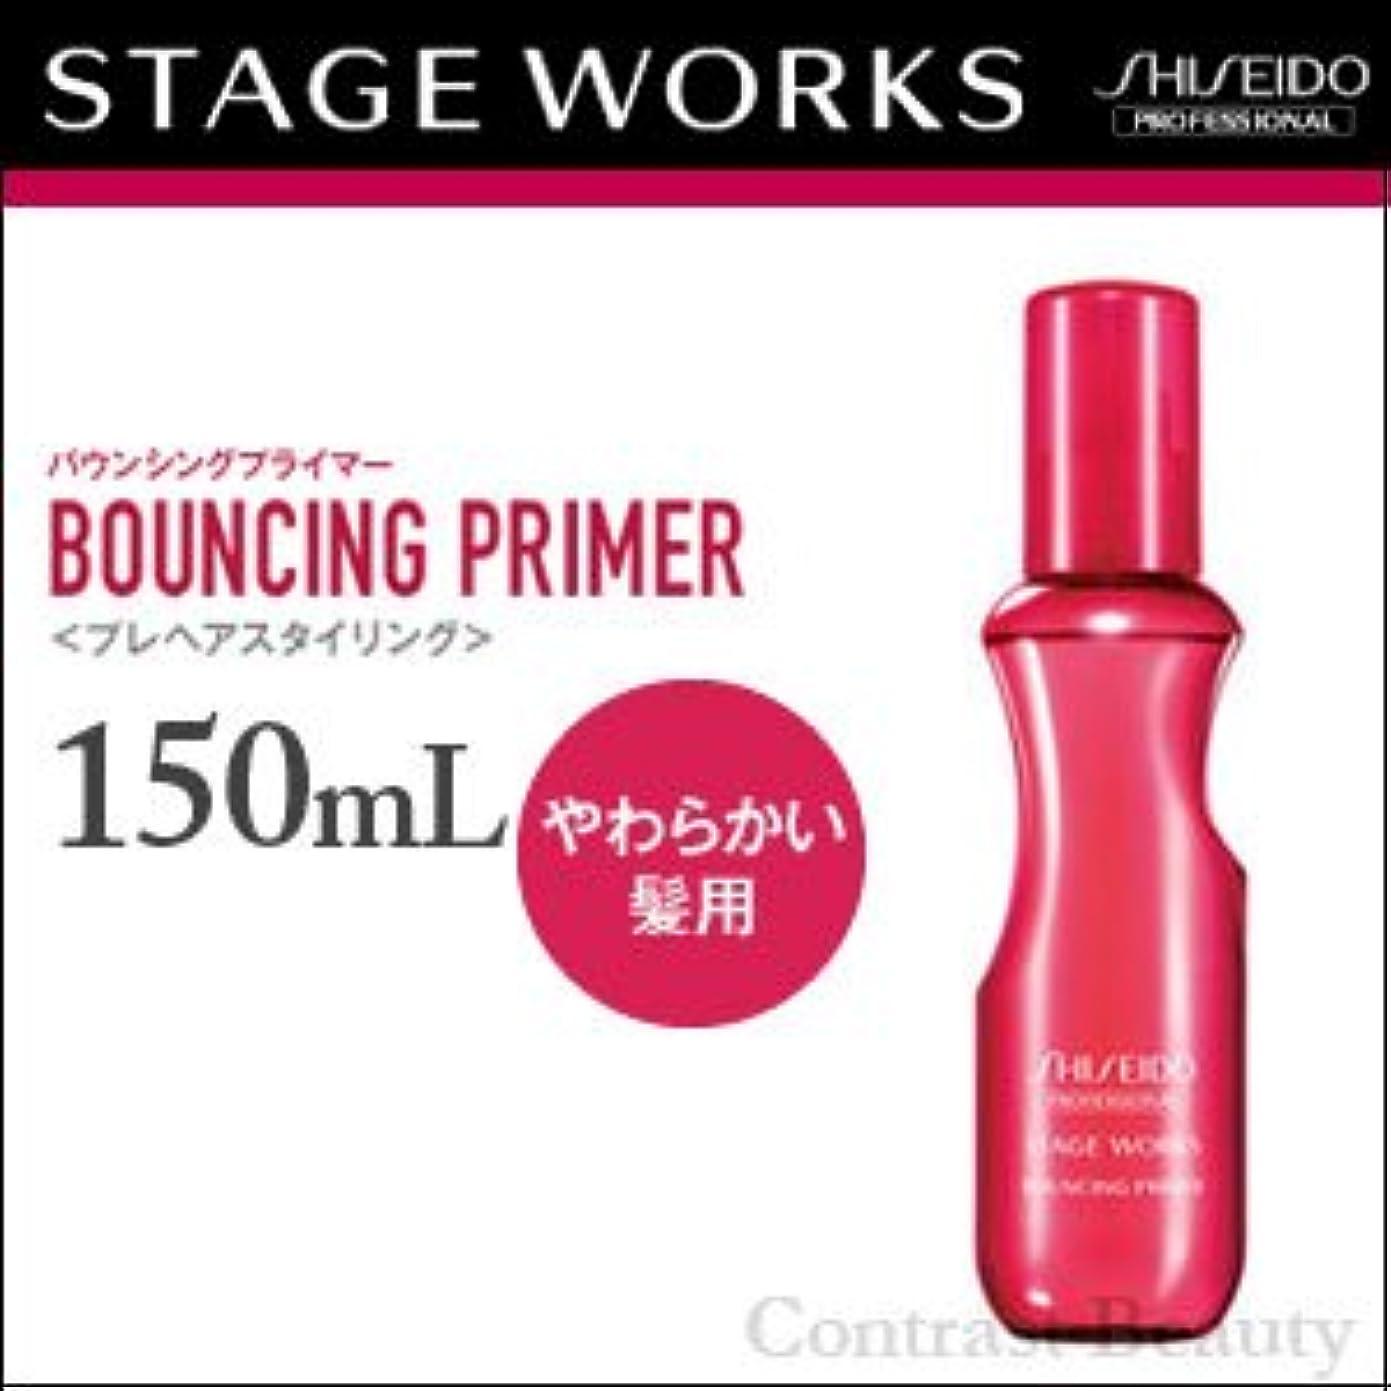 ラダケント縮約【x2個セット】 資生堂 ステージワークス バウンシングプライマー 150ml